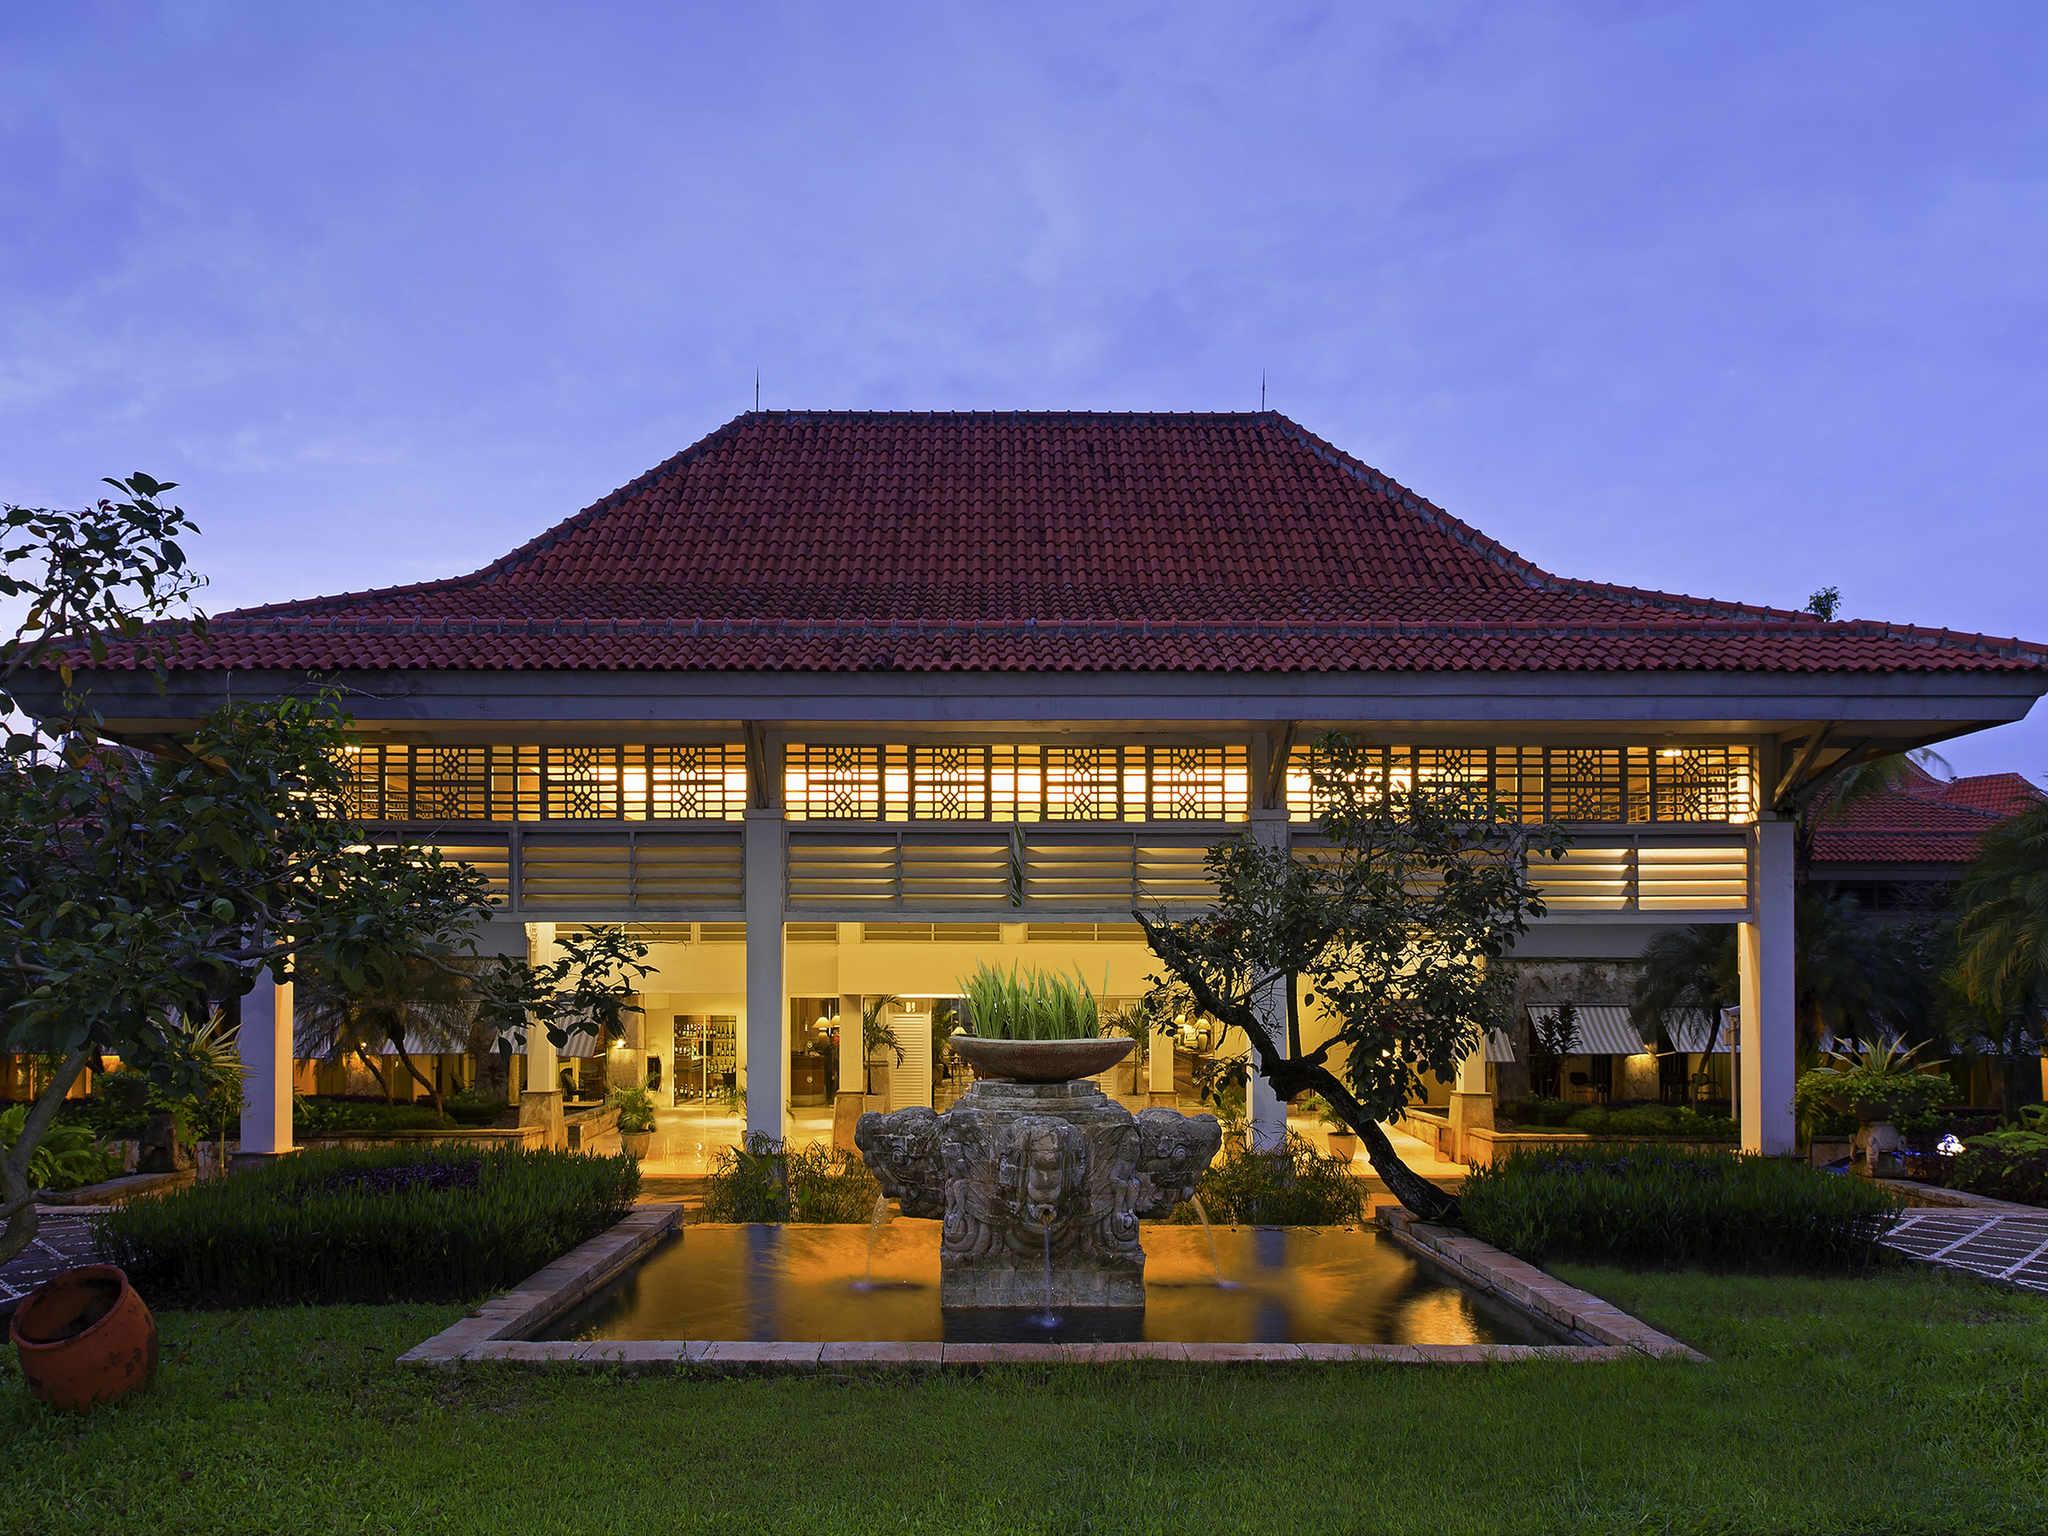 호텔 – AccorHotels에서 관리하는 반다라 인터내셔널 호텔